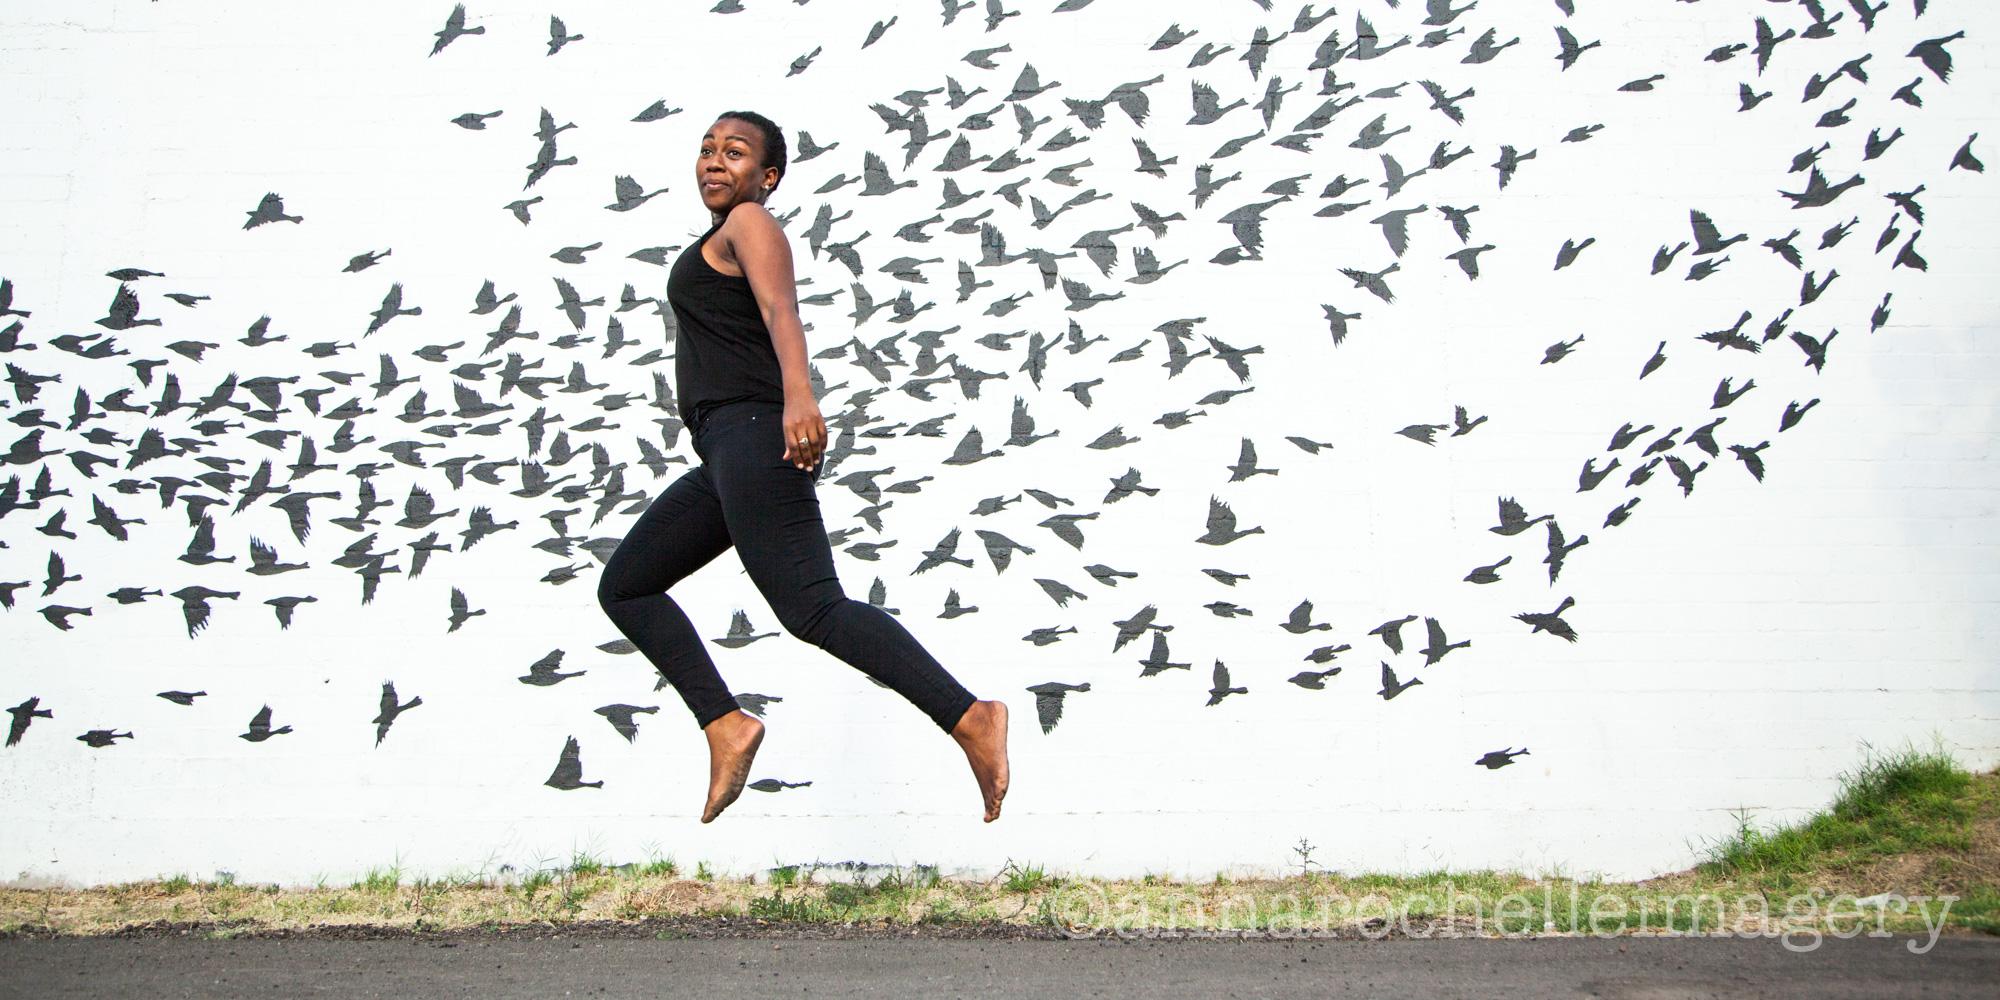 girl-jumping-phoenix-roosevelt-mural-anna-rochelle-creative portrait photographer.jpg